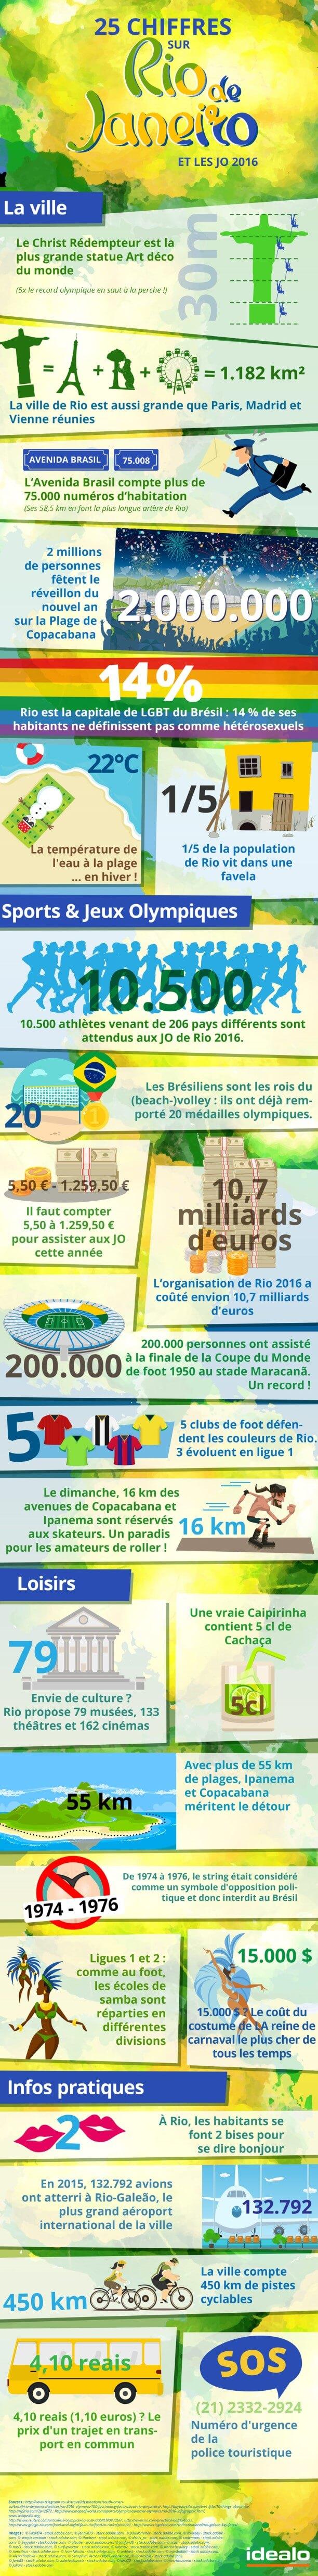 Rio et les JO 2016 - infographie